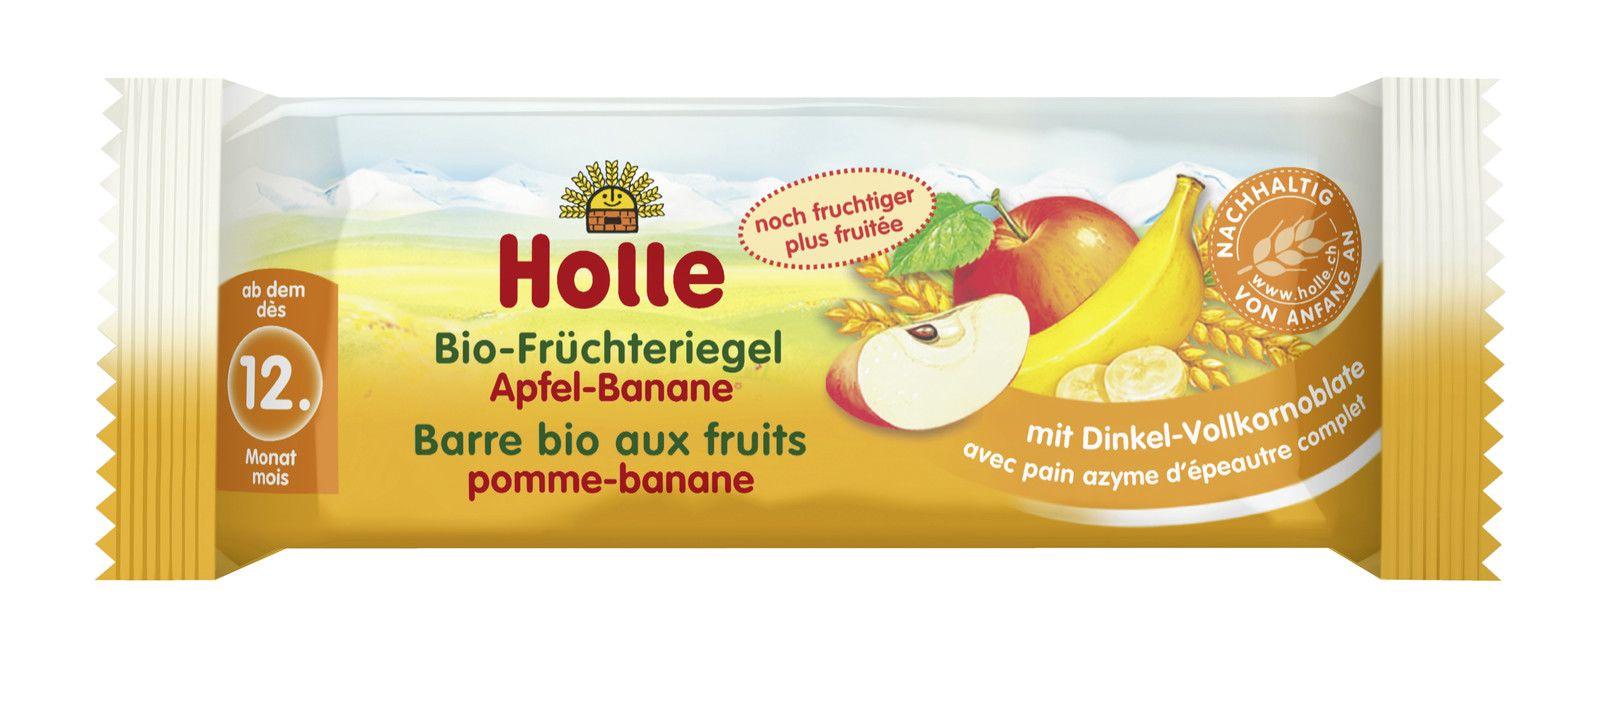 Bio-Früchteriegel Apfel-Banane, ab dem 12. Monat (25g)